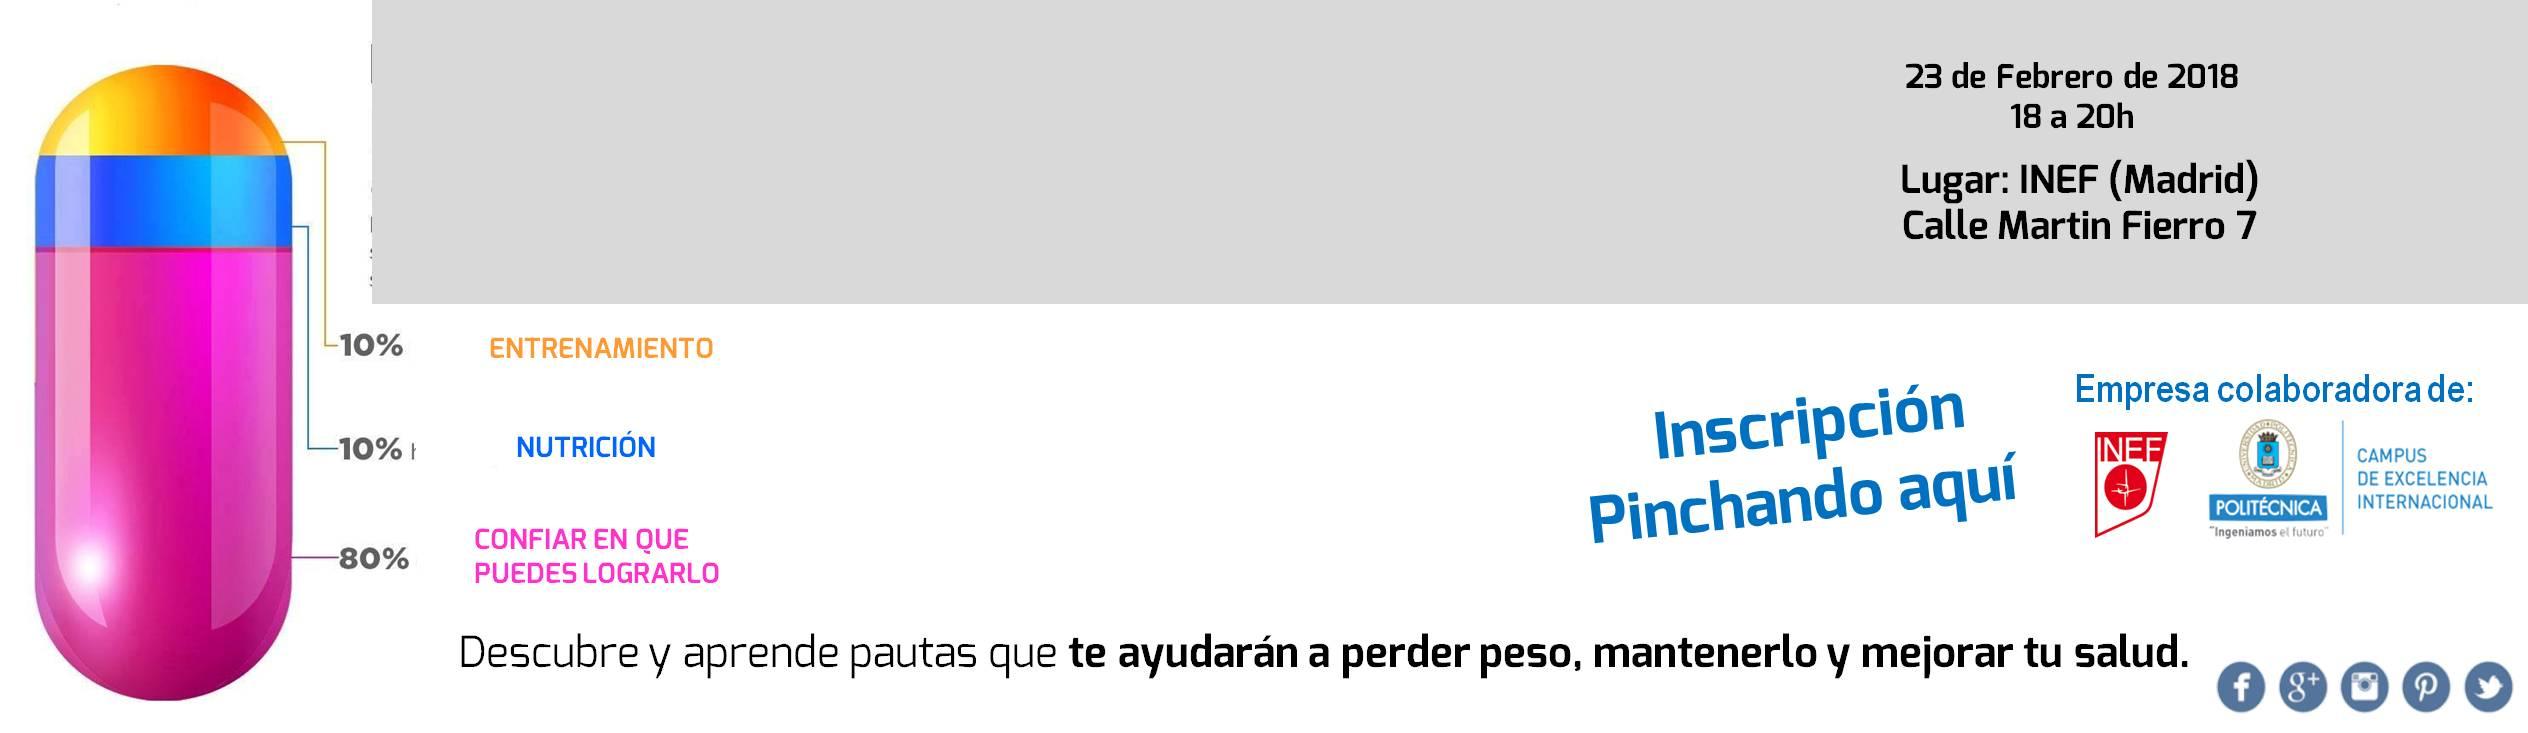 FORMACIÓN GRATUITA EN INEF MADRID